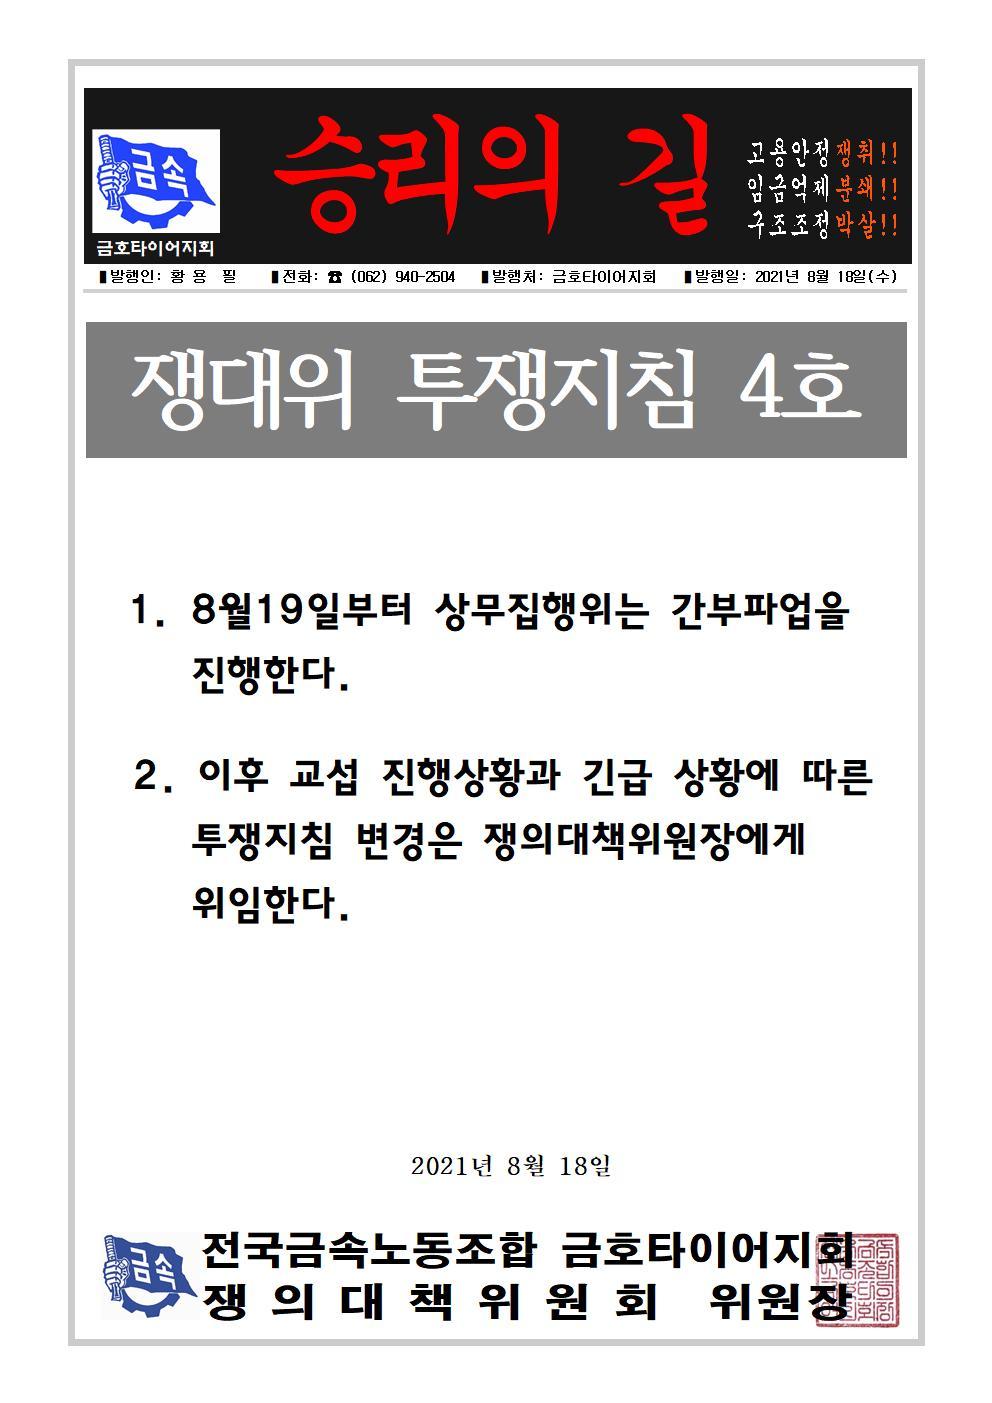 투쟁지침 4호 확정001.jpg